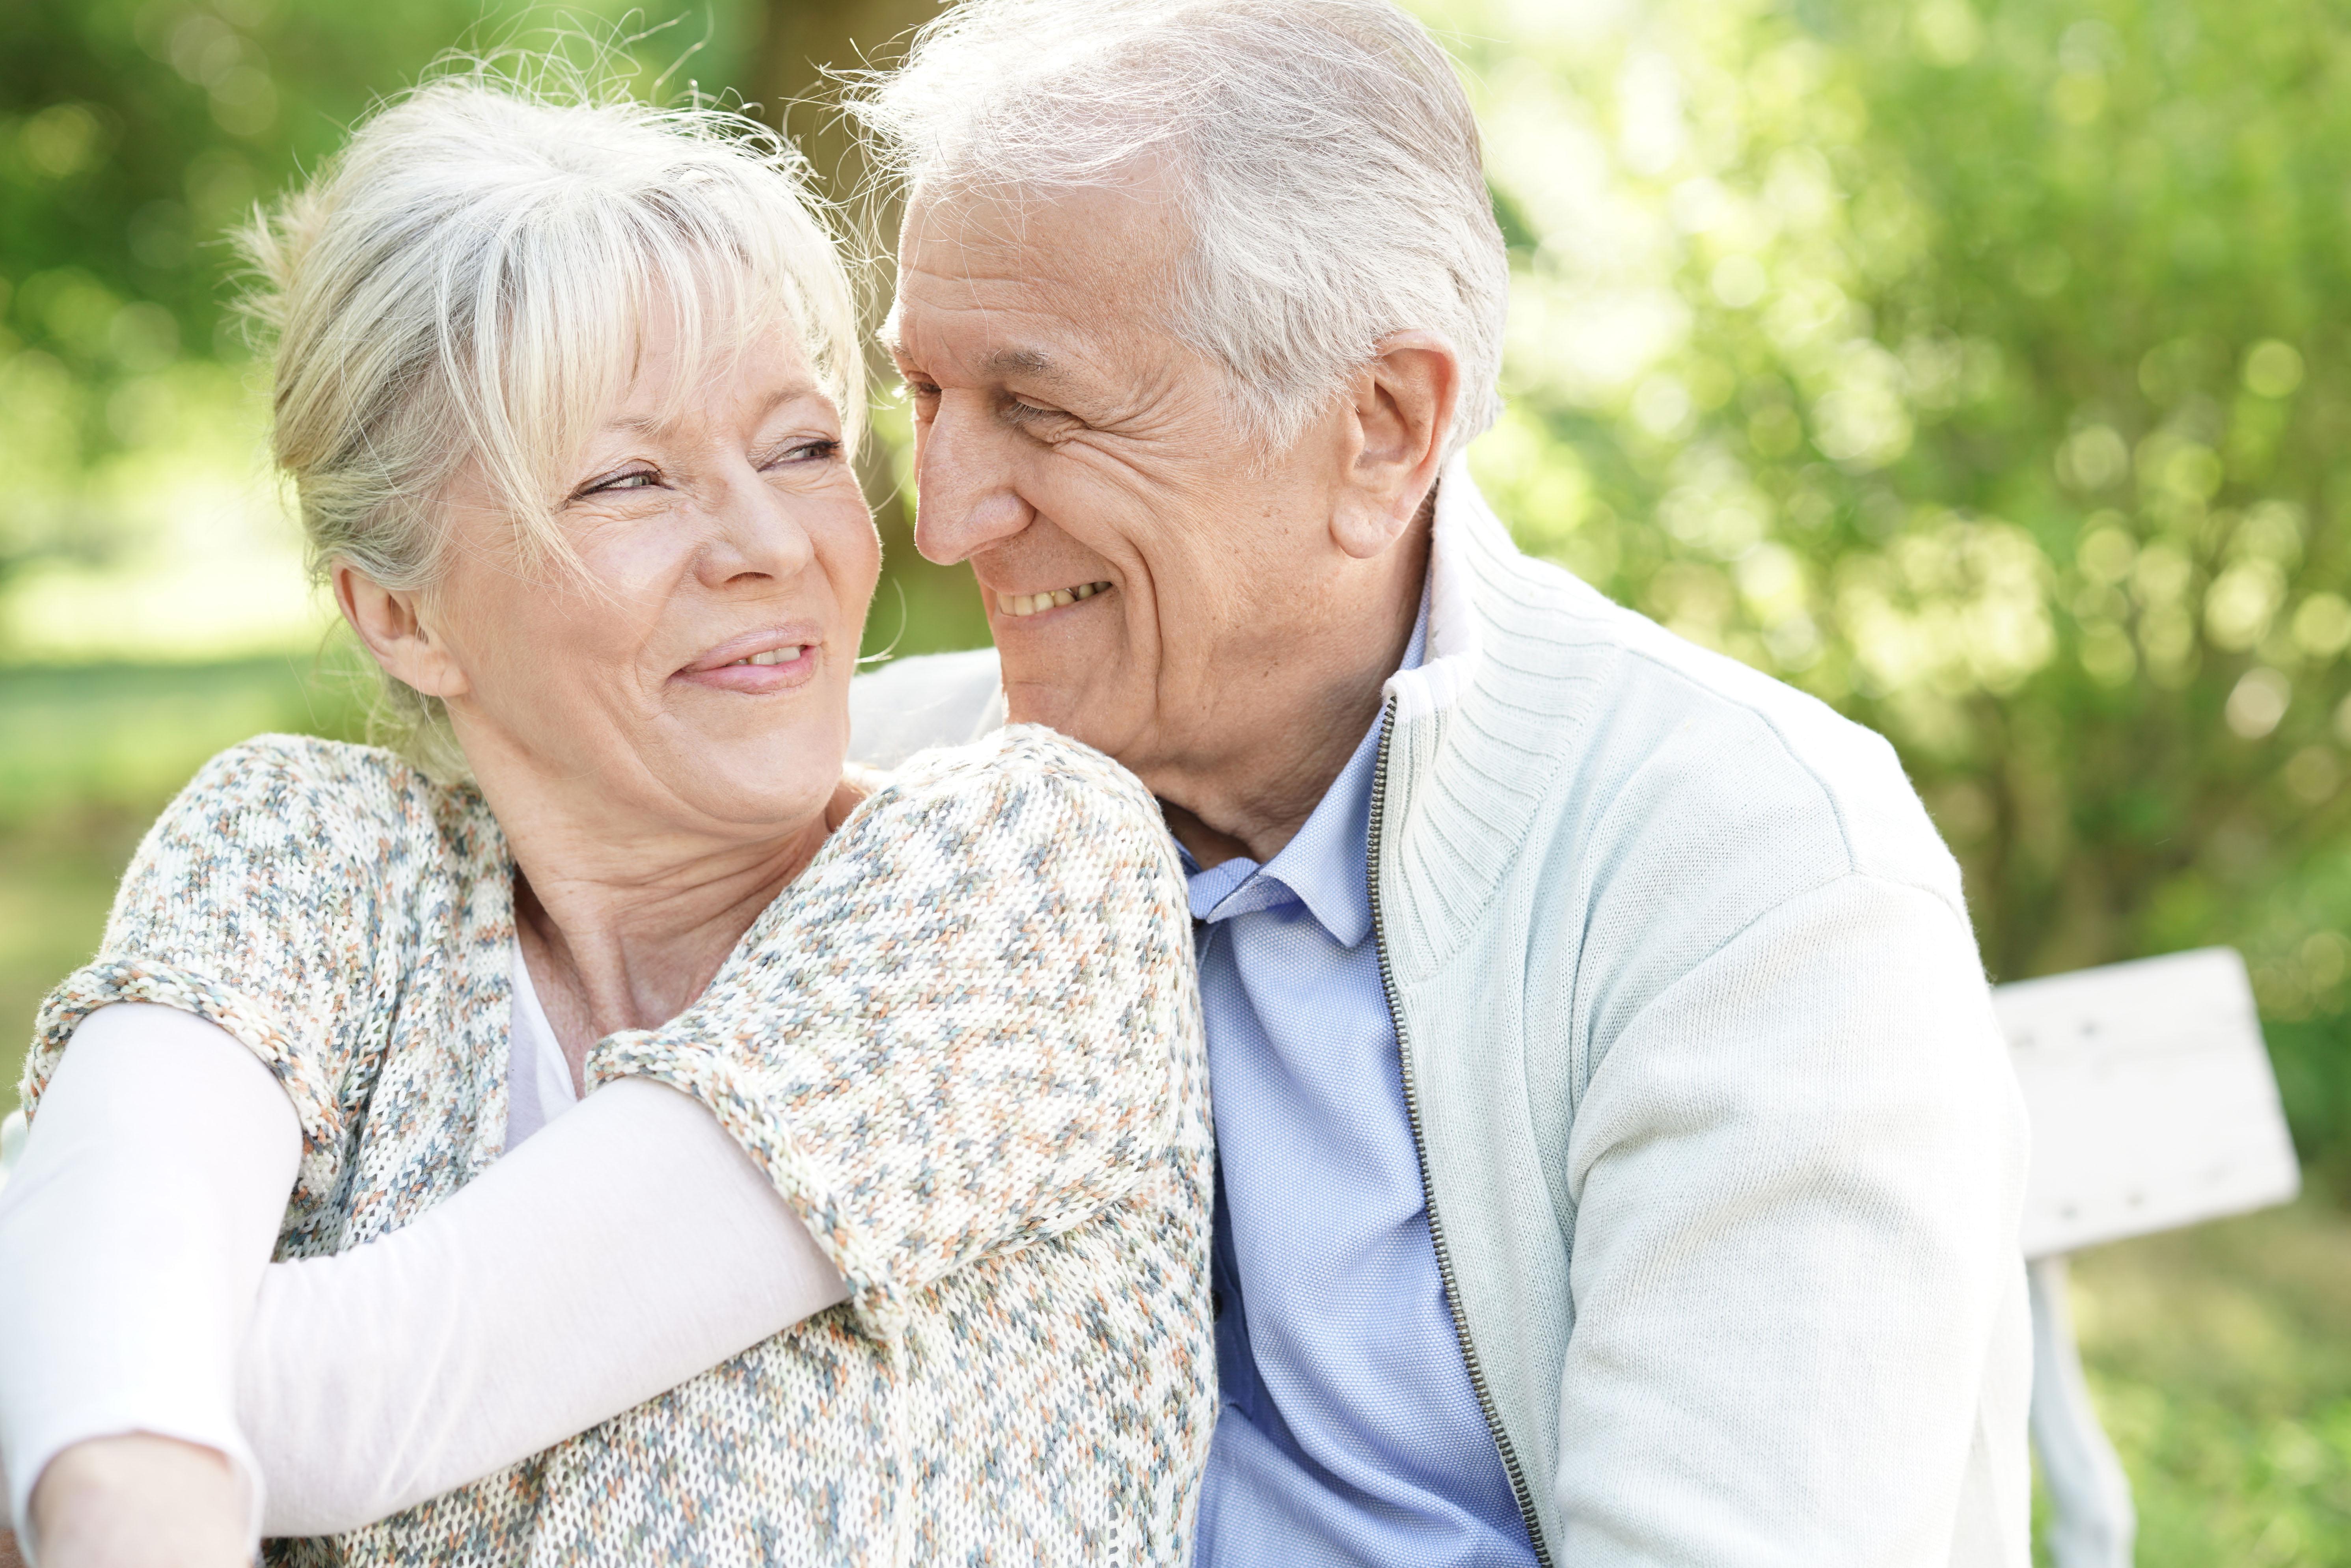 Senior Dating Online Services In Denver